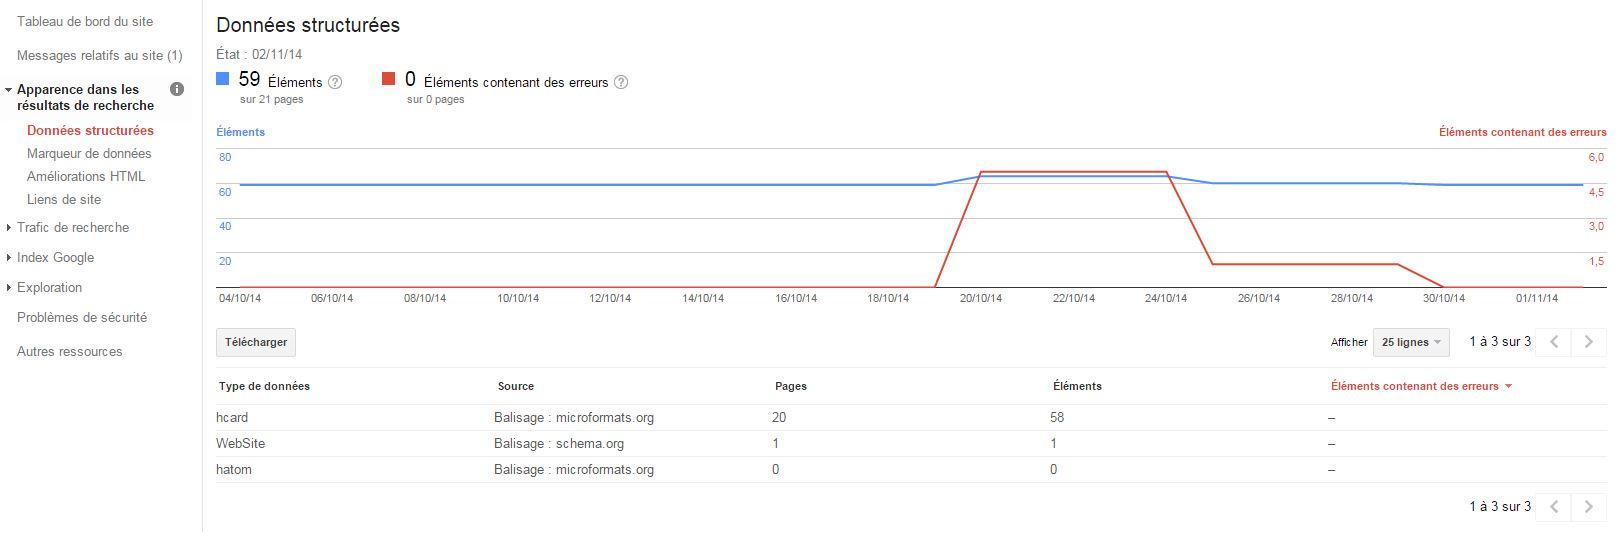 Google Webmaster Tools une API pour déceler les ereurs de donnees structurees